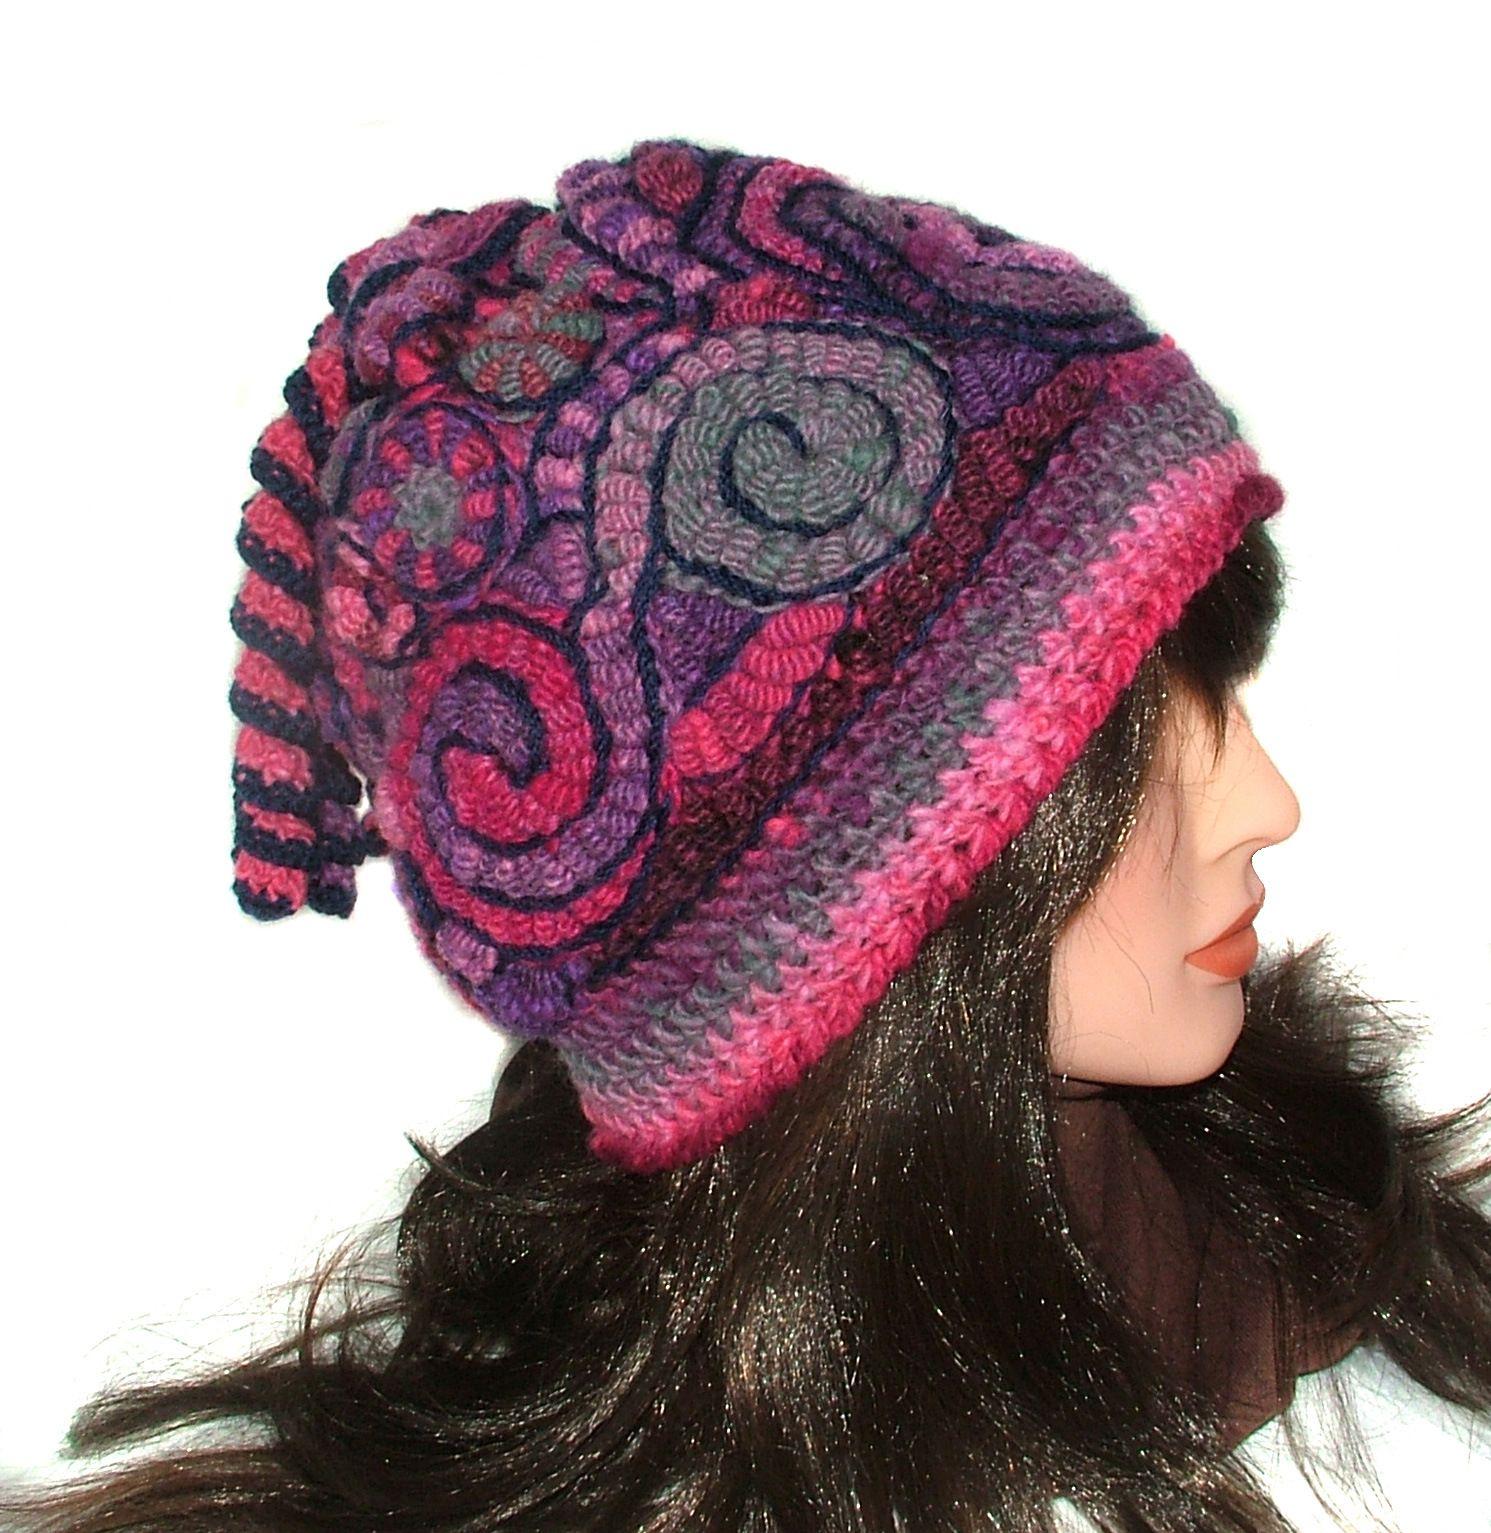 Crochet pattern scarf with swirl pattern archive renate crochet pattern scarf with swirl pattern bankloansurffo Gallery